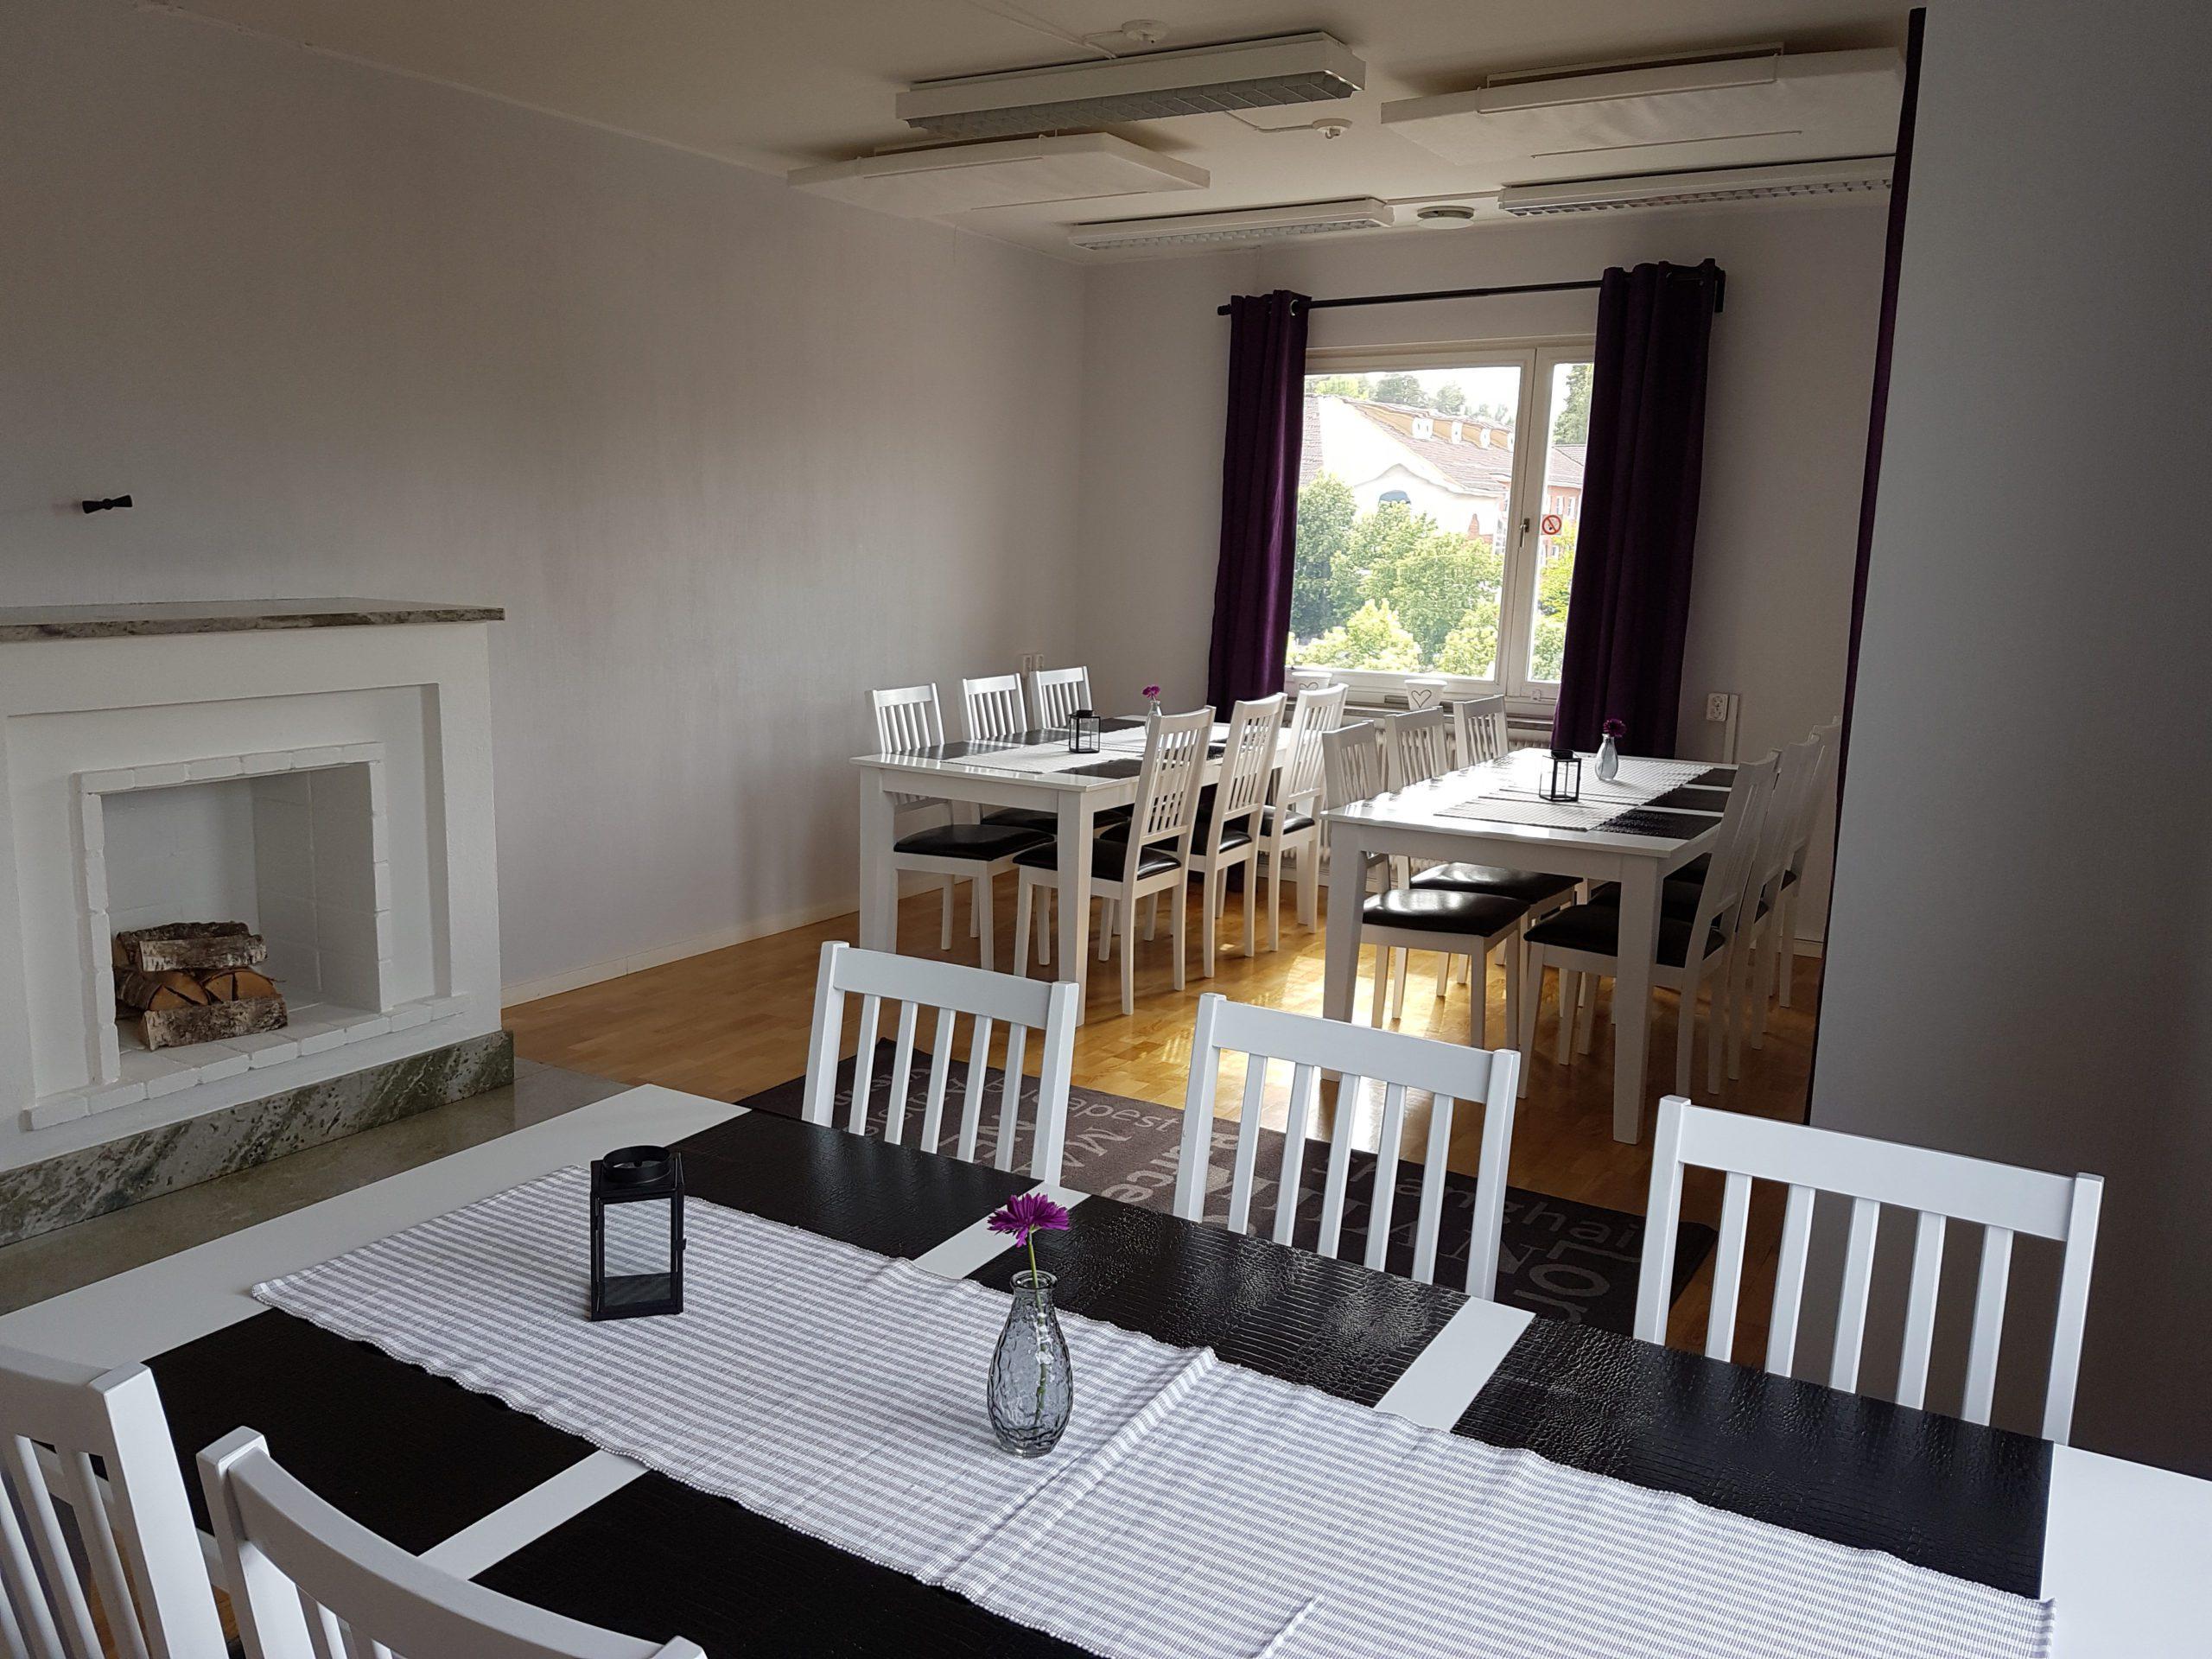 Matsal med vita stolar och bord